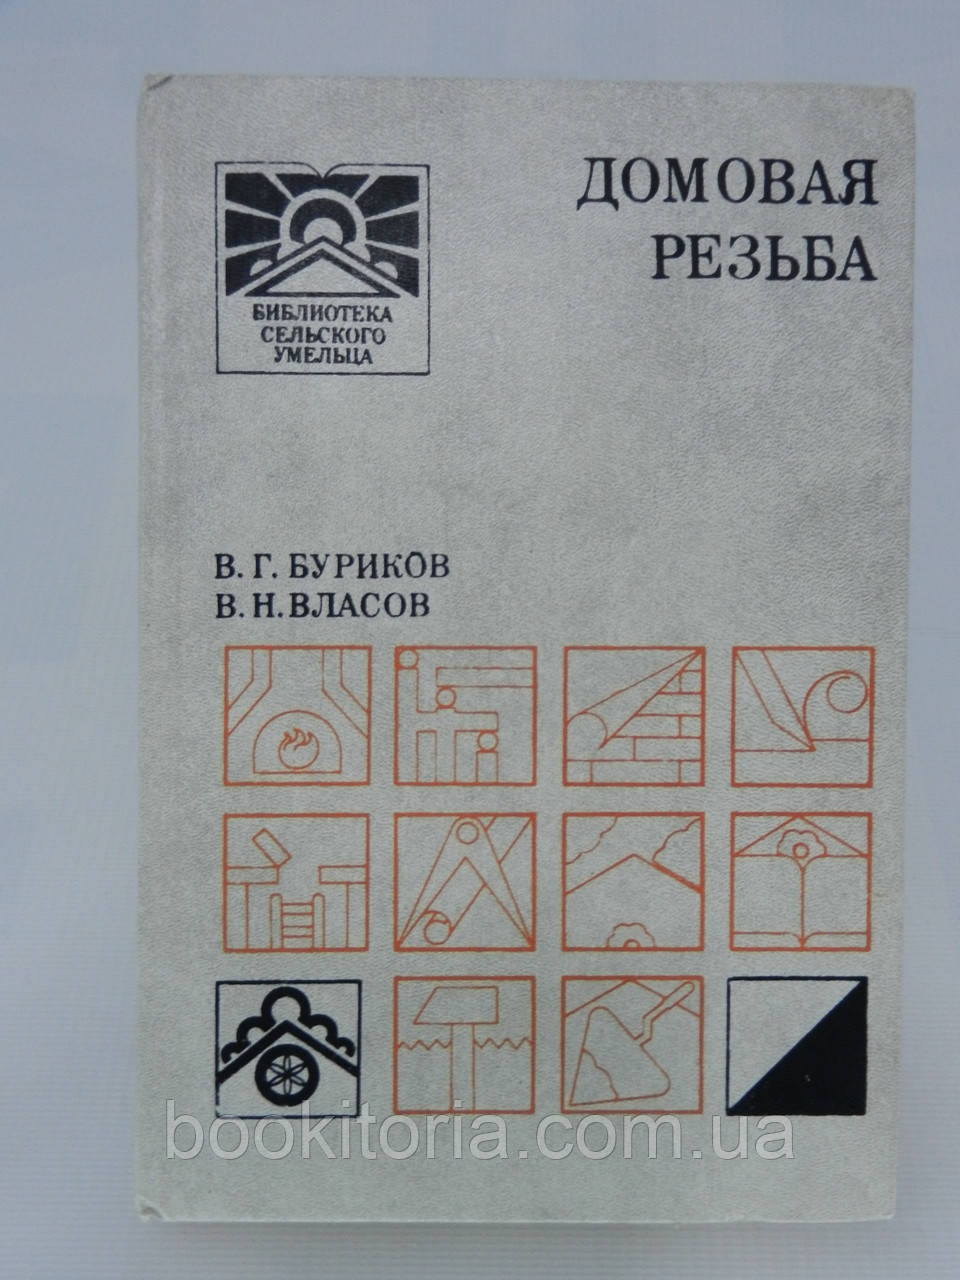 Буриков В.Г., Власов В.Н. Домовая резьба (б/у).